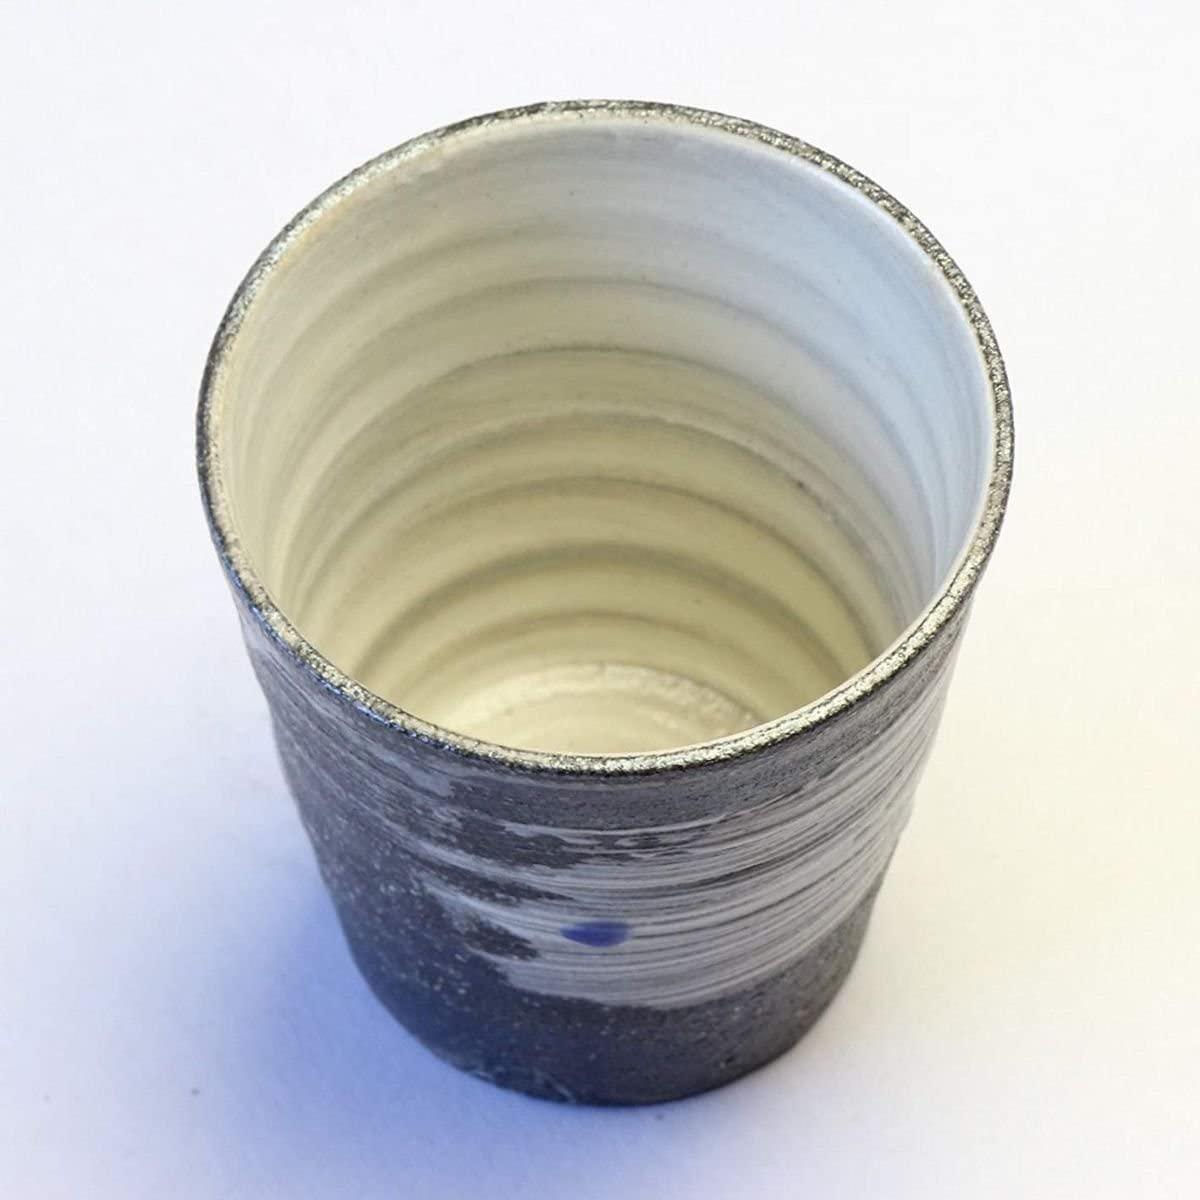 CtoC JAPAN Select(しーとぅーしーじゃぱんせれくと)信楽焼 焼酎グラス 天の川(青) W919-07の商品画像3